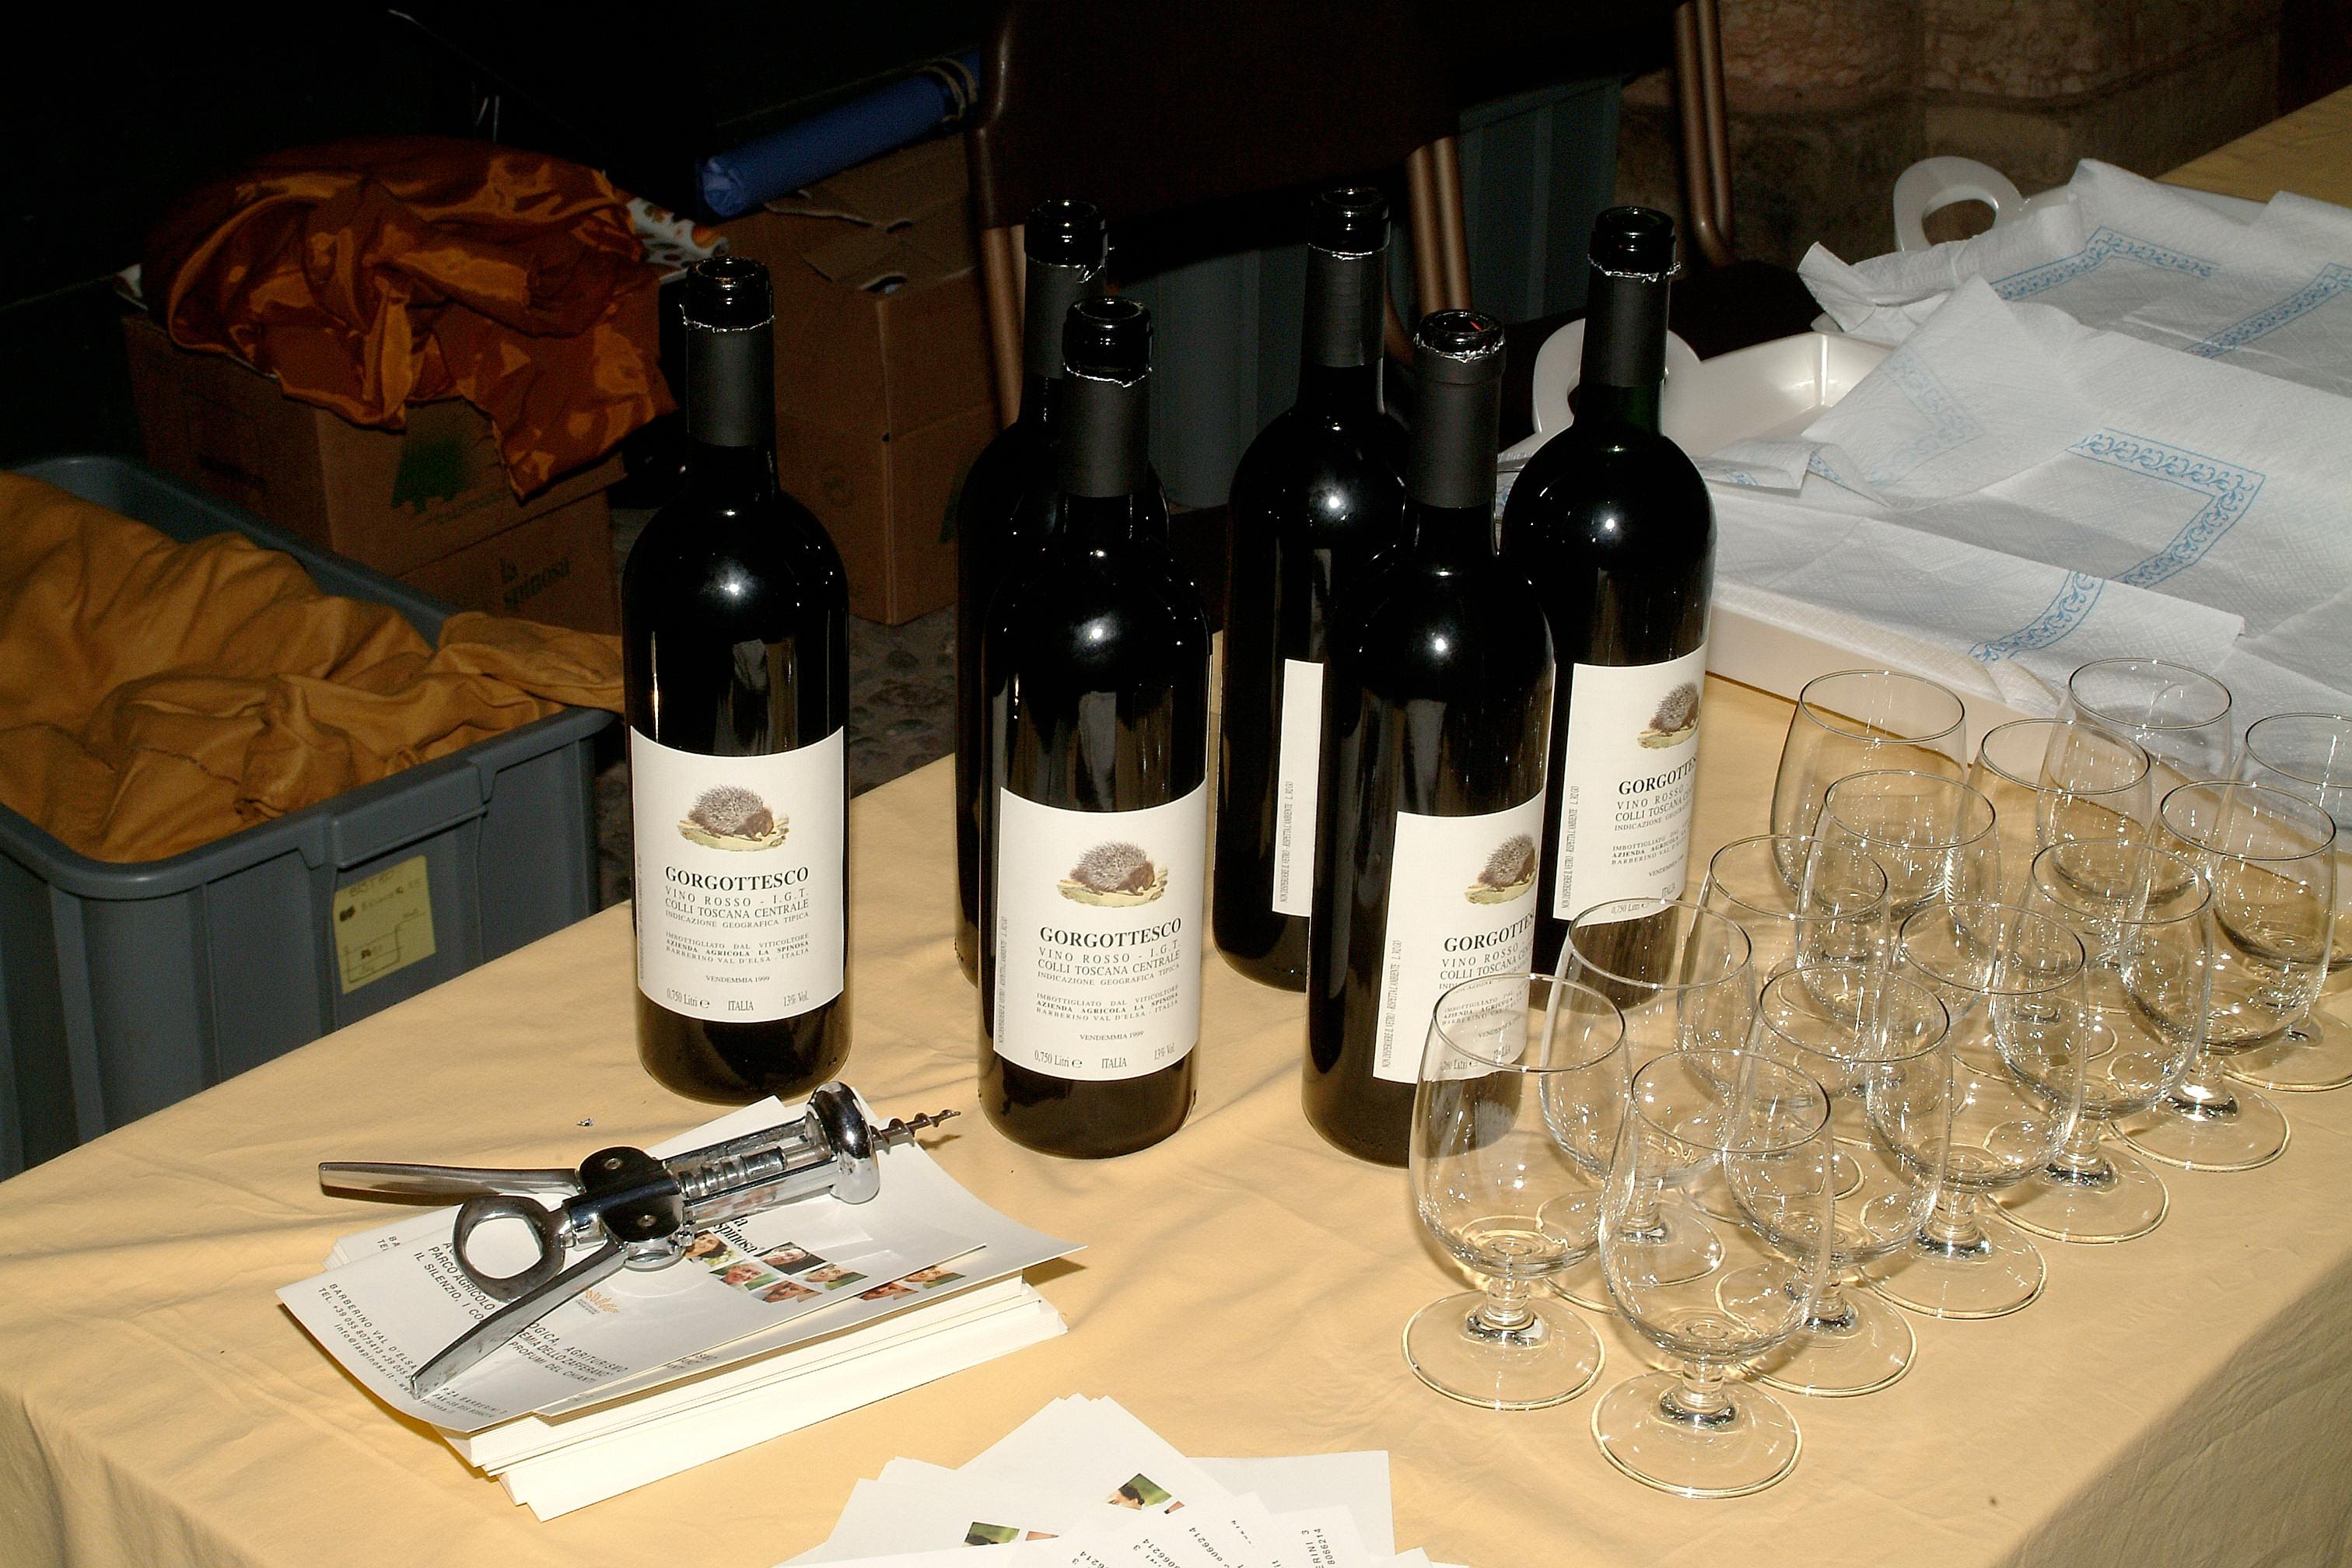 vino Gorgottesco